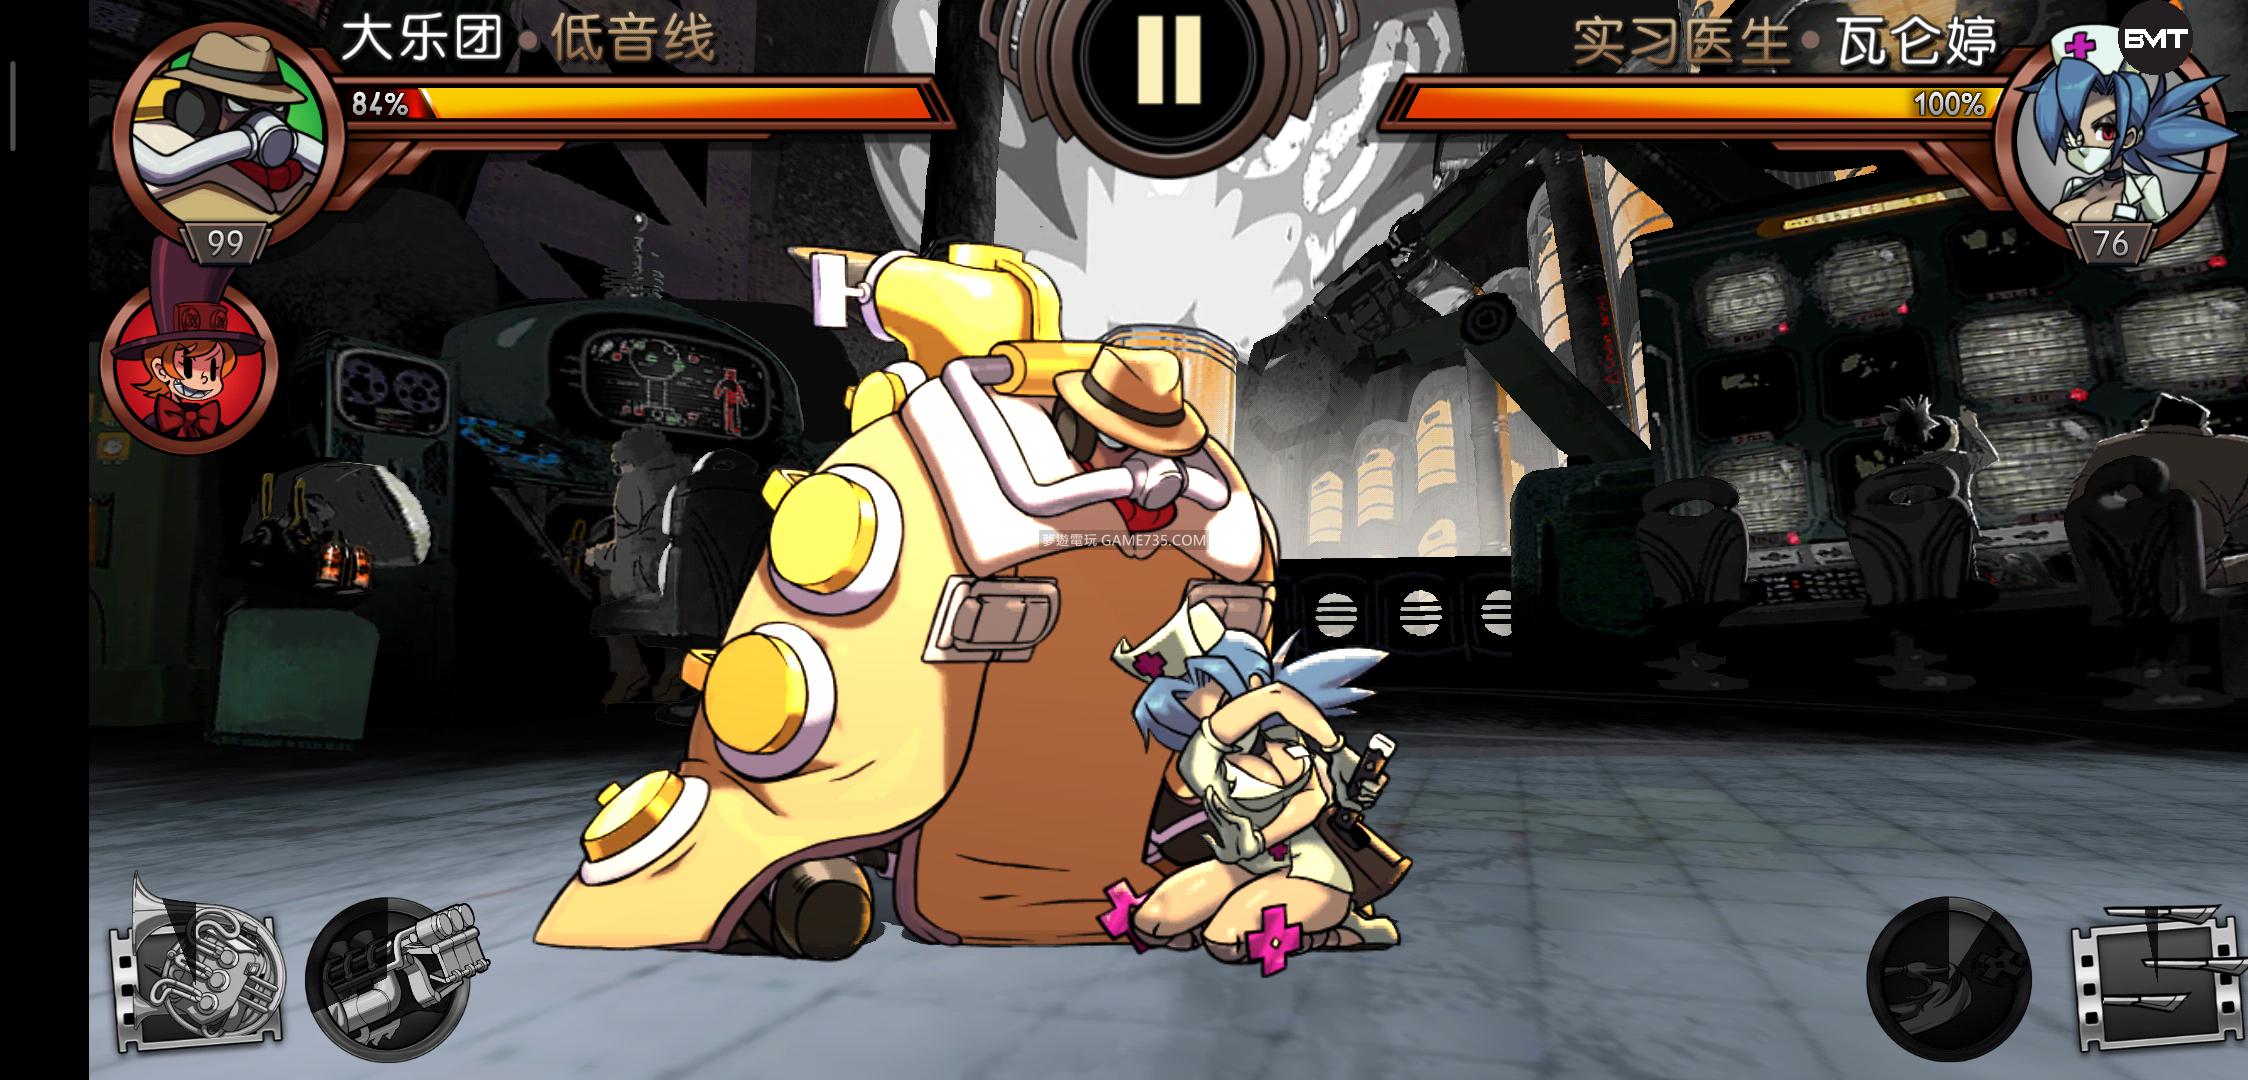 【修改版+中文】骷髅女孩 格斗游戏 加攻防